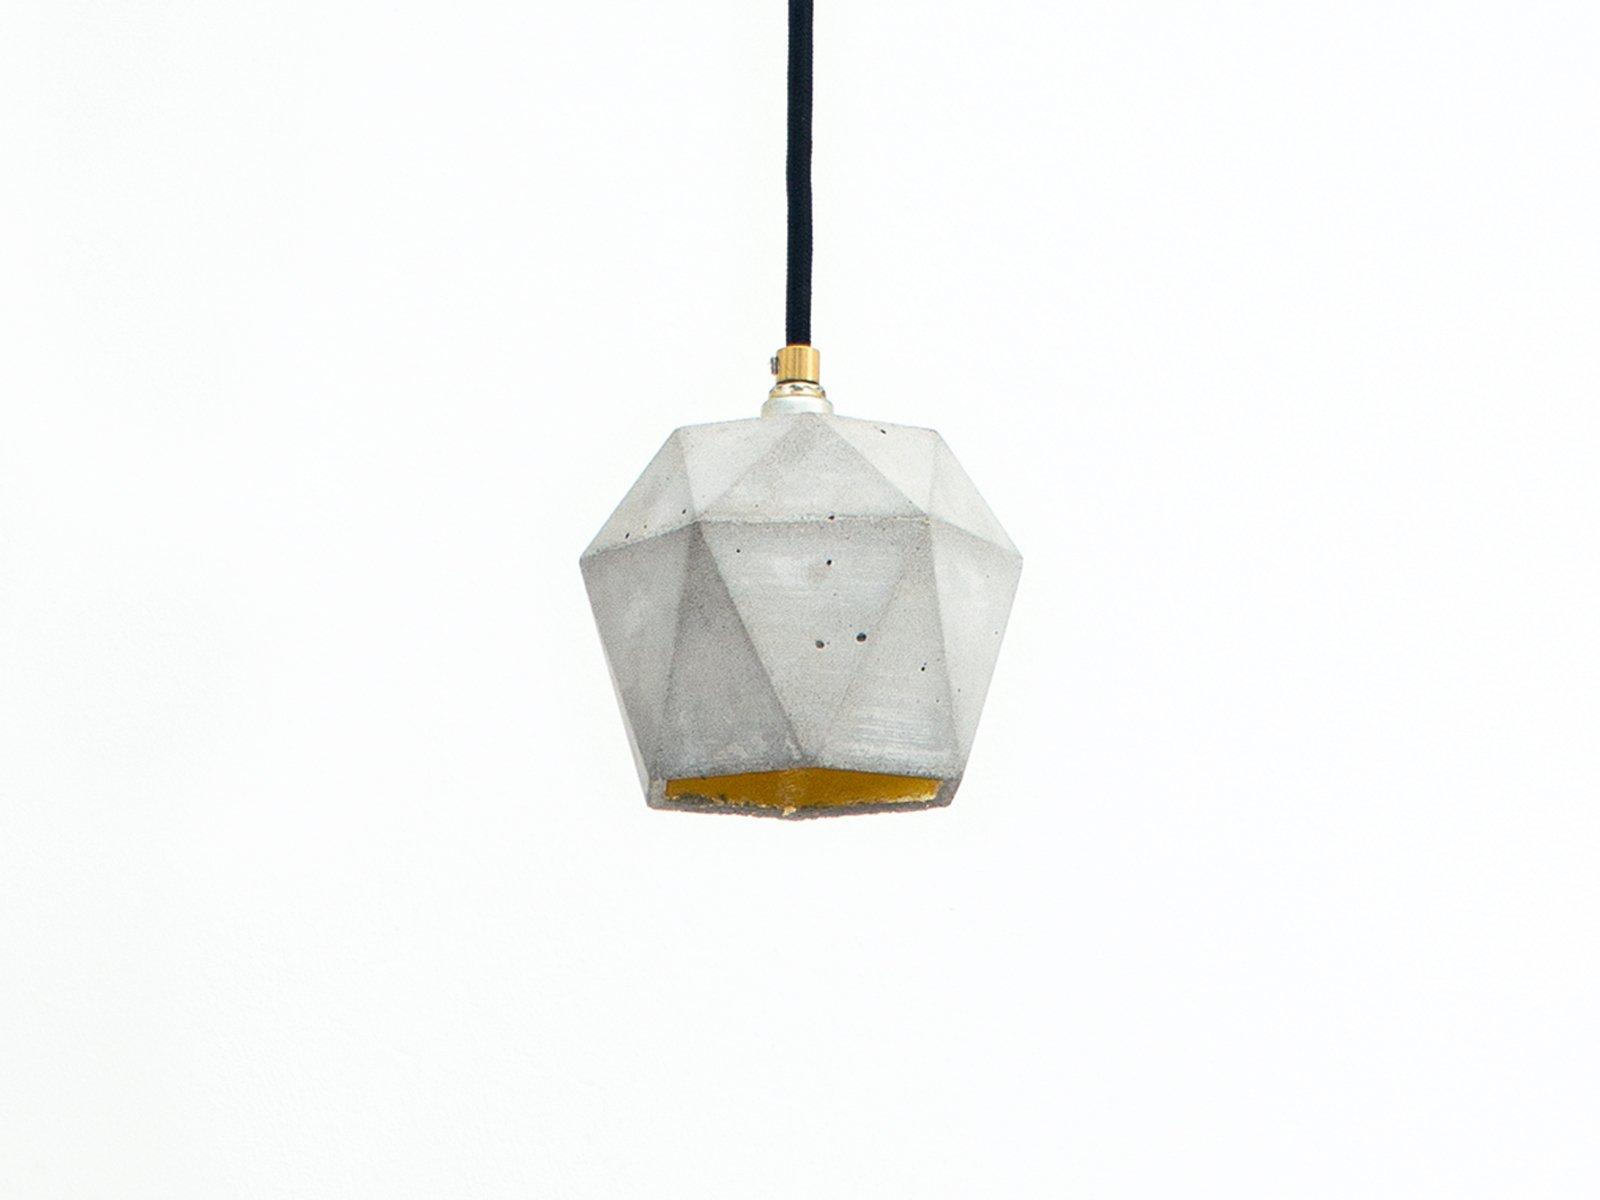 [T2] Hängelampe aus Beton & Gold Dreieck von Stefan Gant für GANTlight...